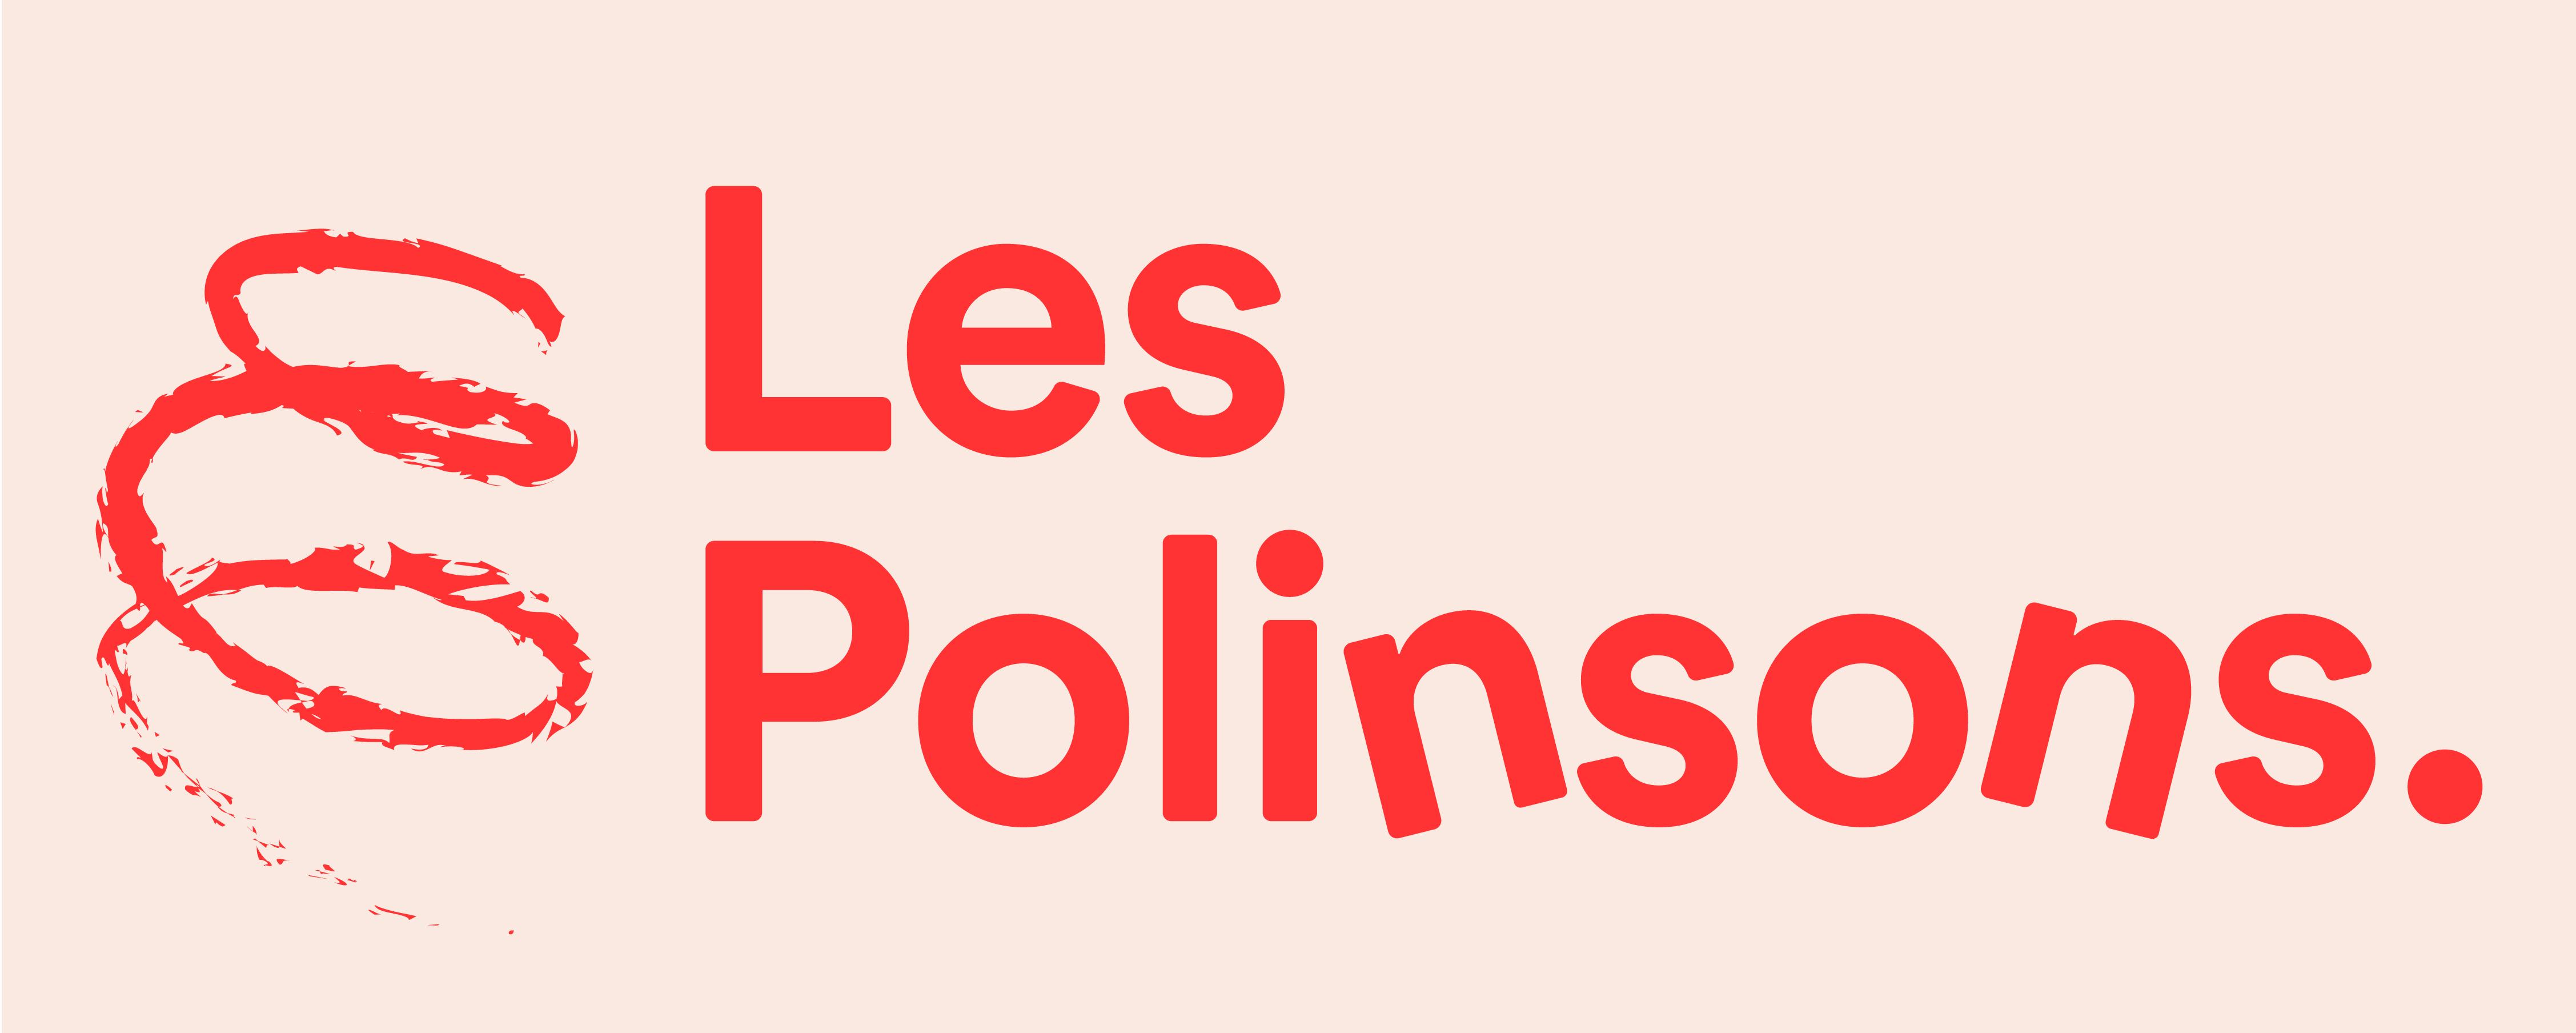 Les Polinsons